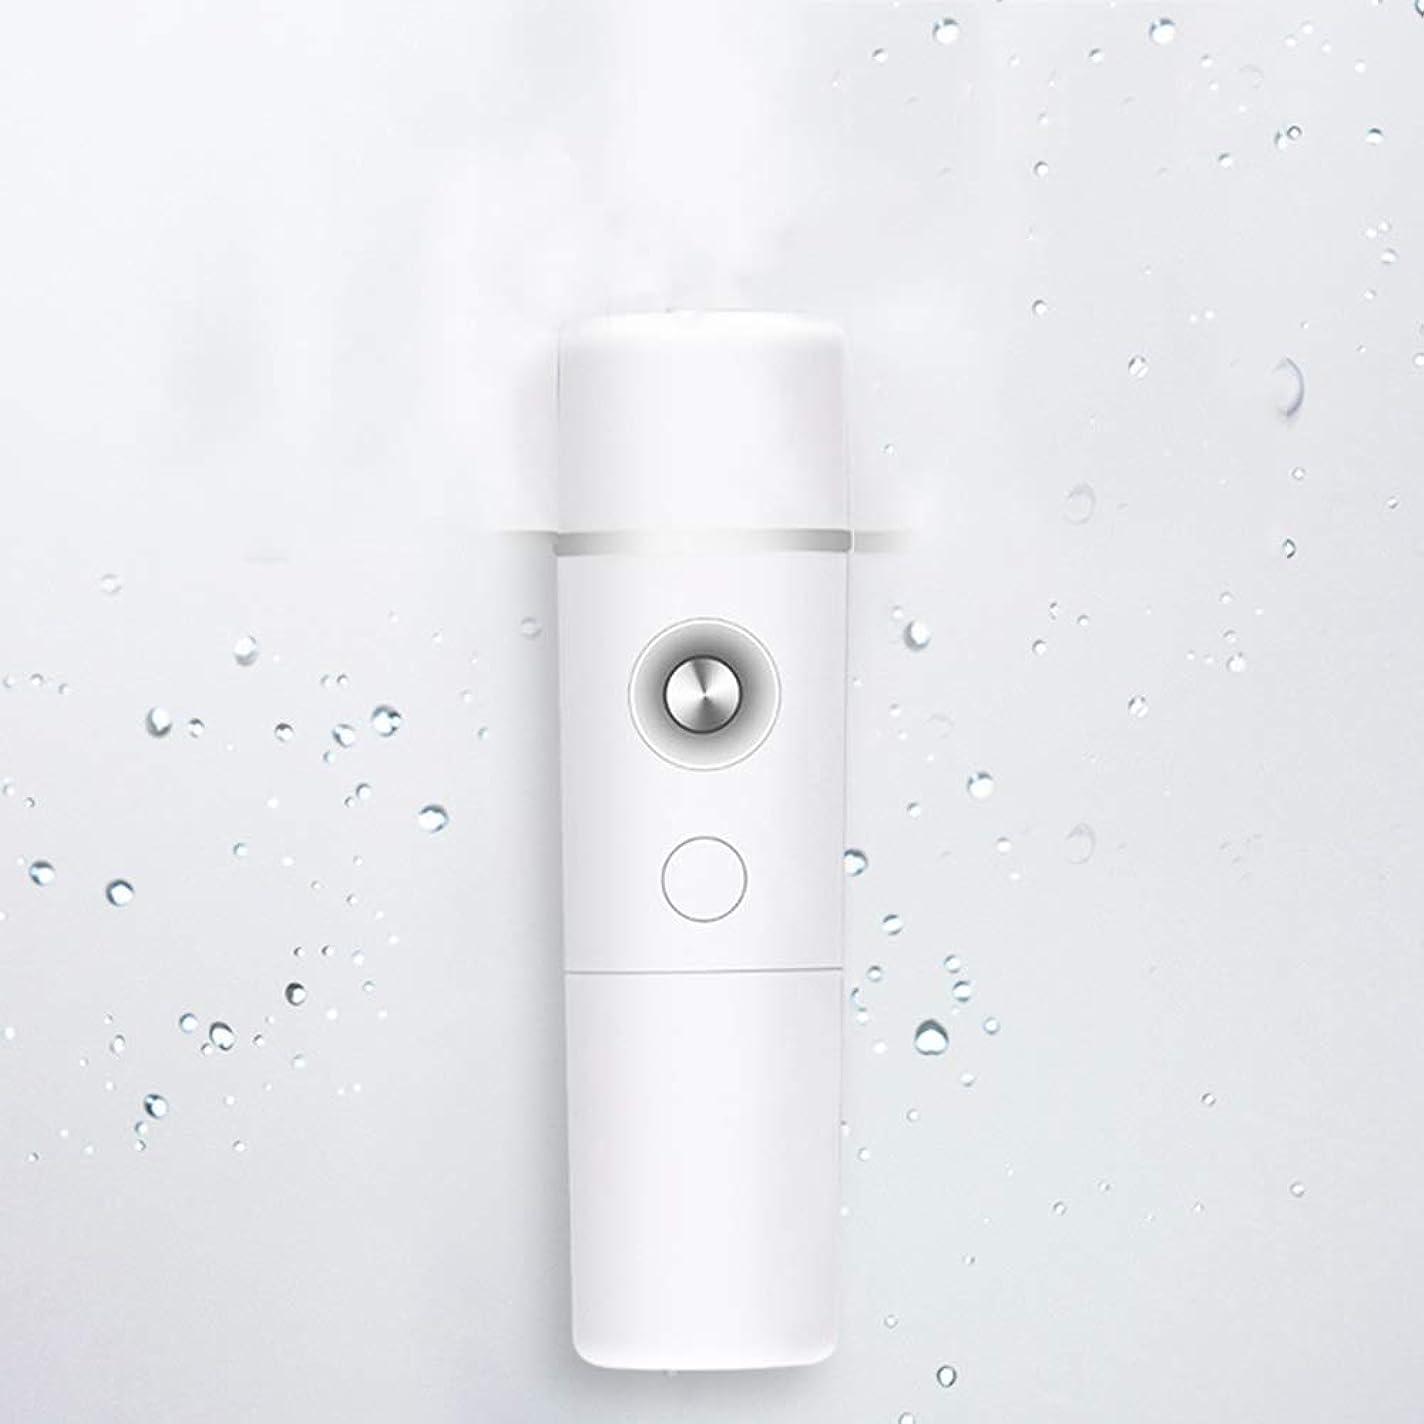 ラッシュ繁殖犬ZXF ナノスプレー水和機器スチームフェイスコールドスプレー美容機器ポータブル保湿フェイシャルフェイシャル加湿機器バッテリーホワイト 滑らかである